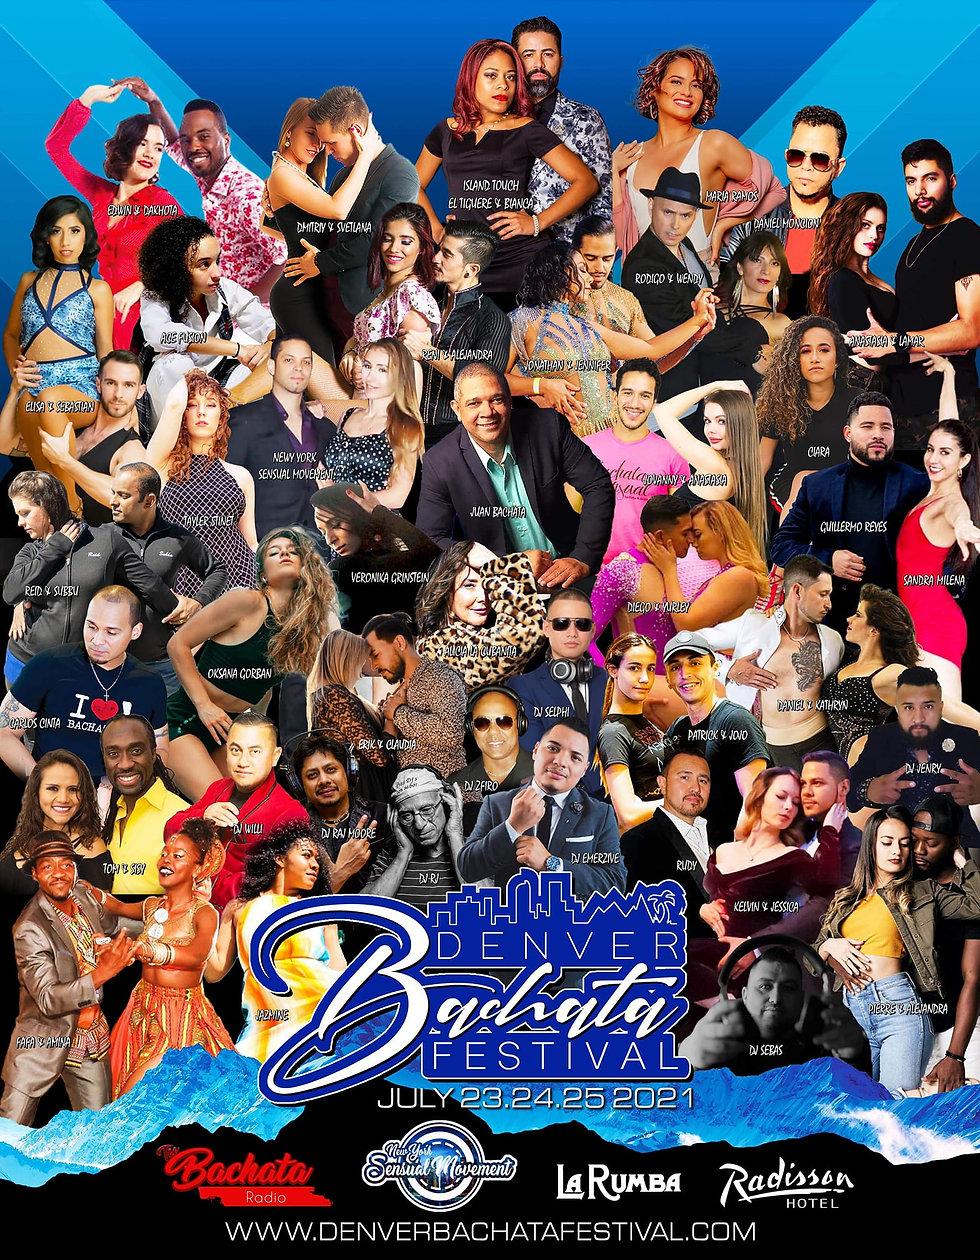 Bachata Festival Flyer.jpeg